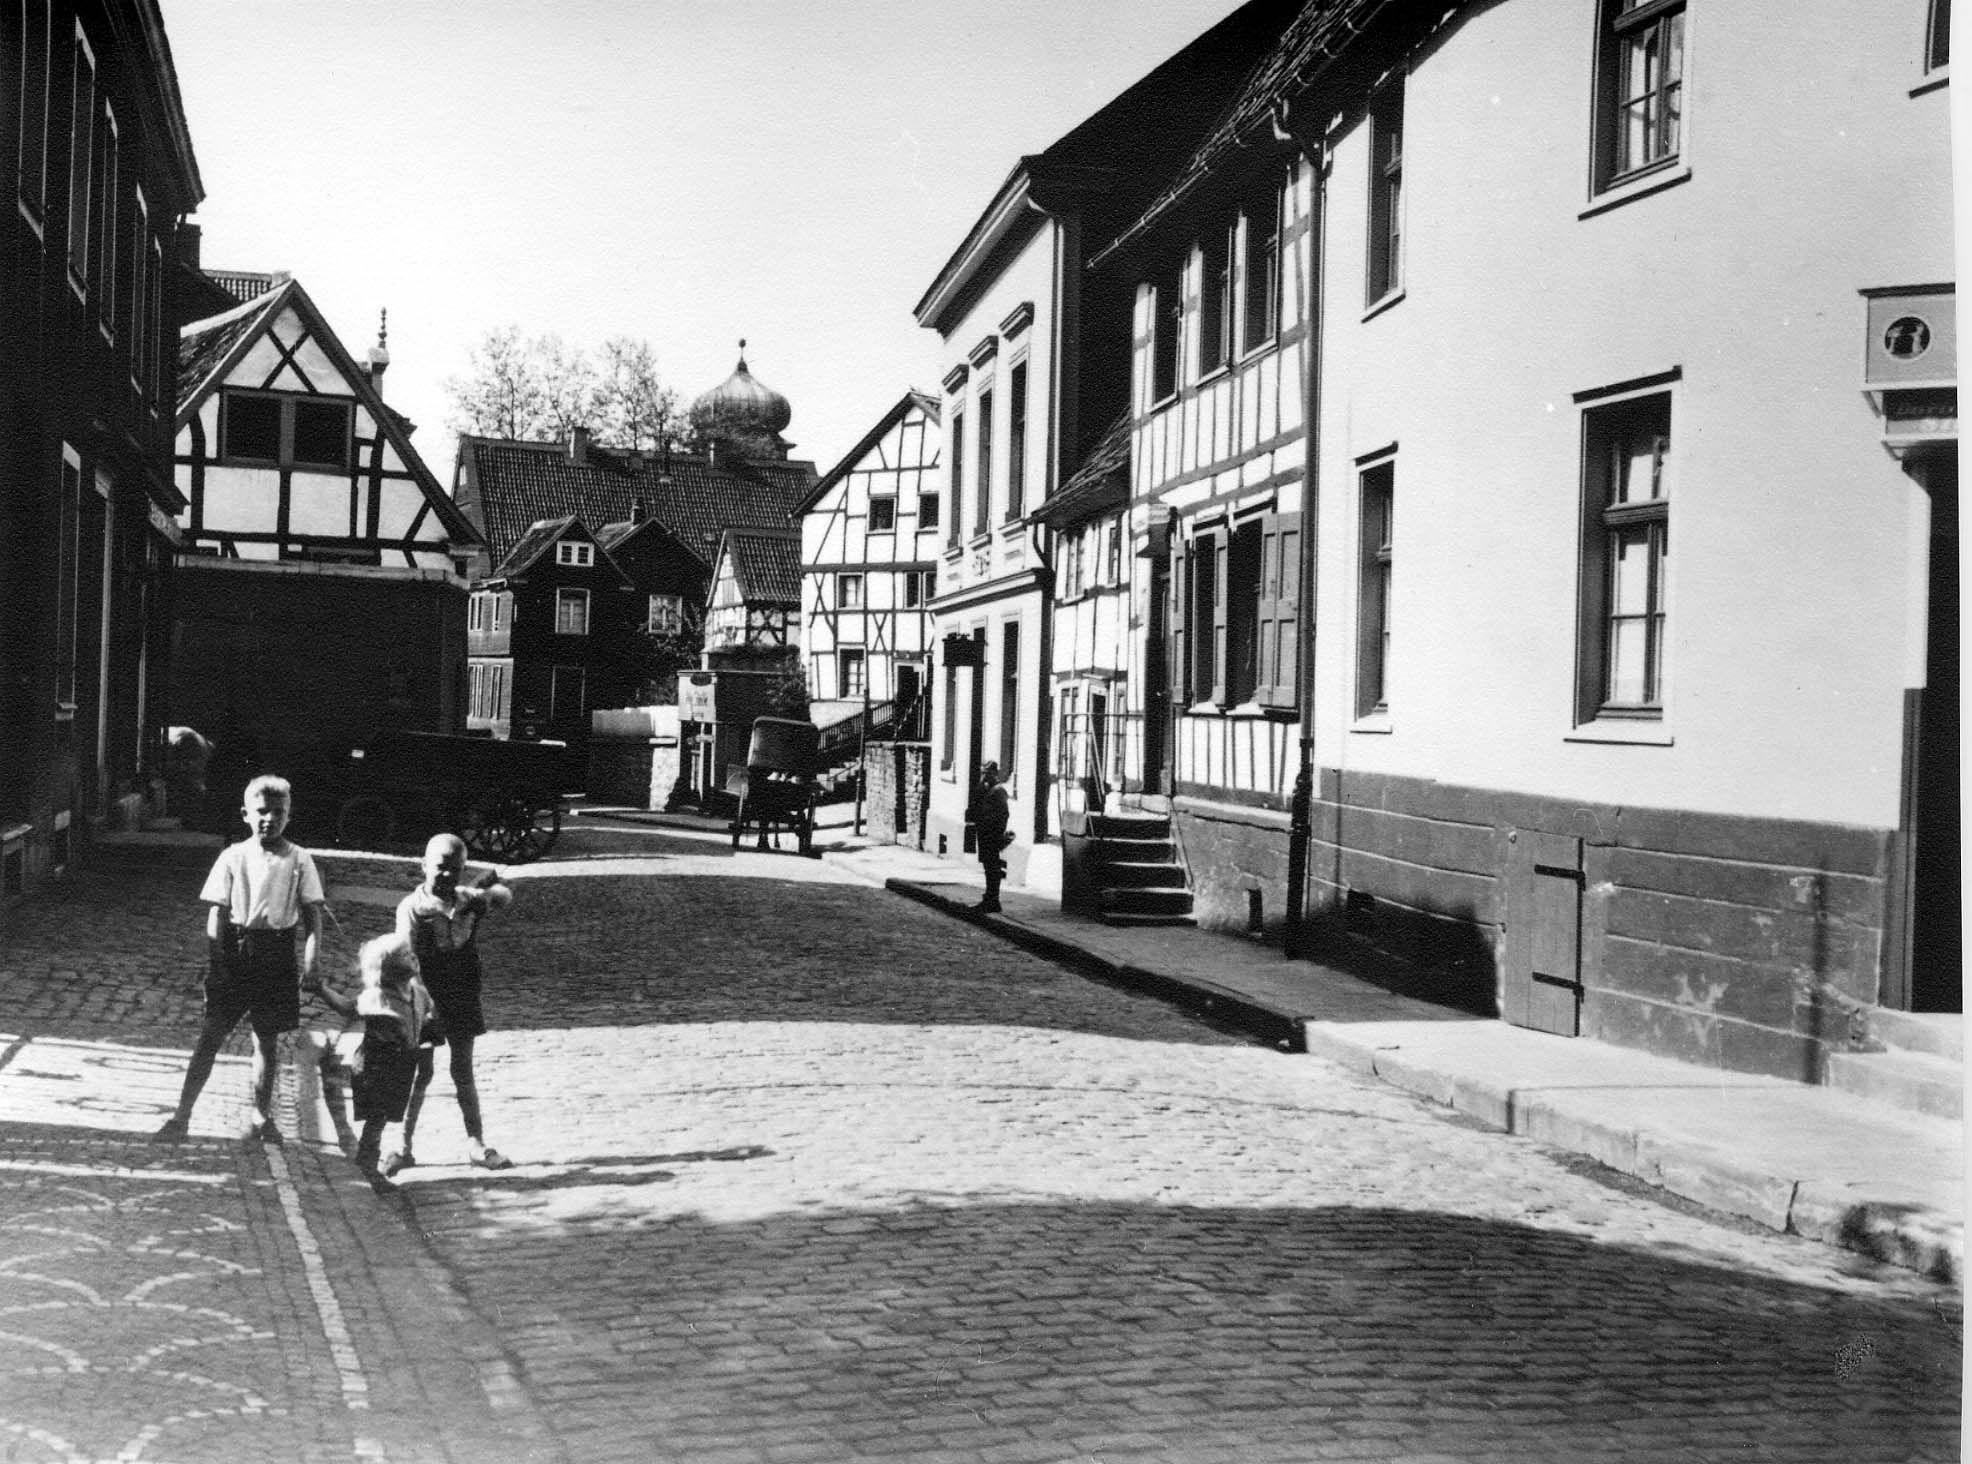 Hauptstraße, 30er Jahre, Herdecke, Westfalen Hauptstraße